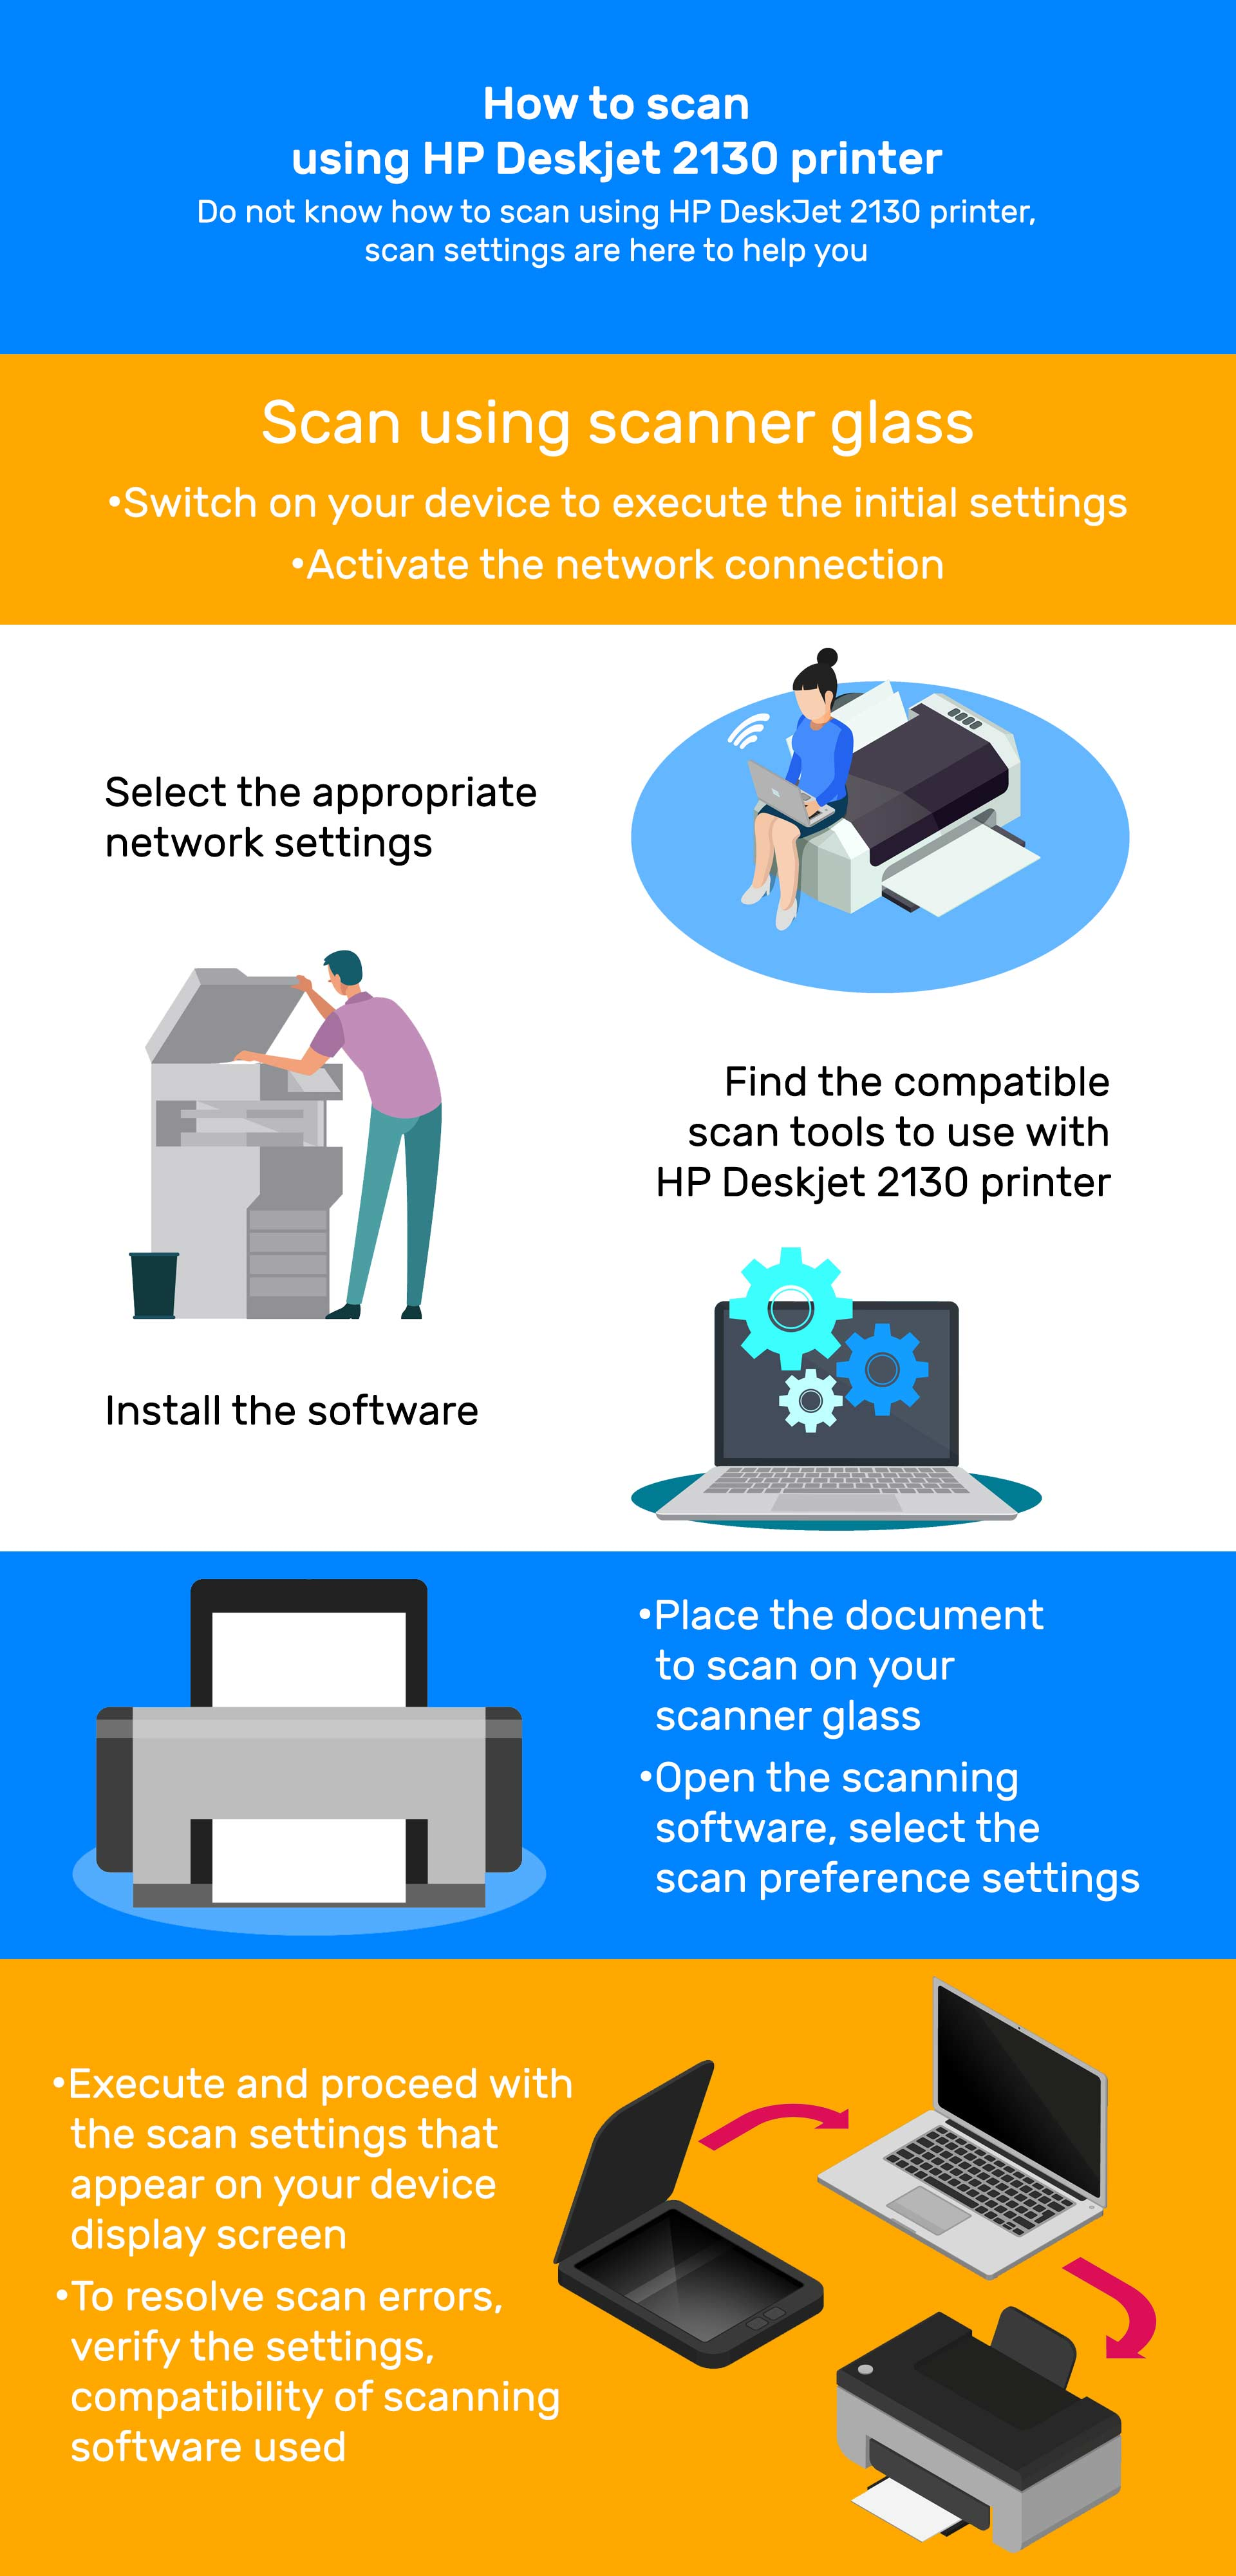 How To Scan Using HP DeskJet 2130 Printer via 123.hp.com/setup